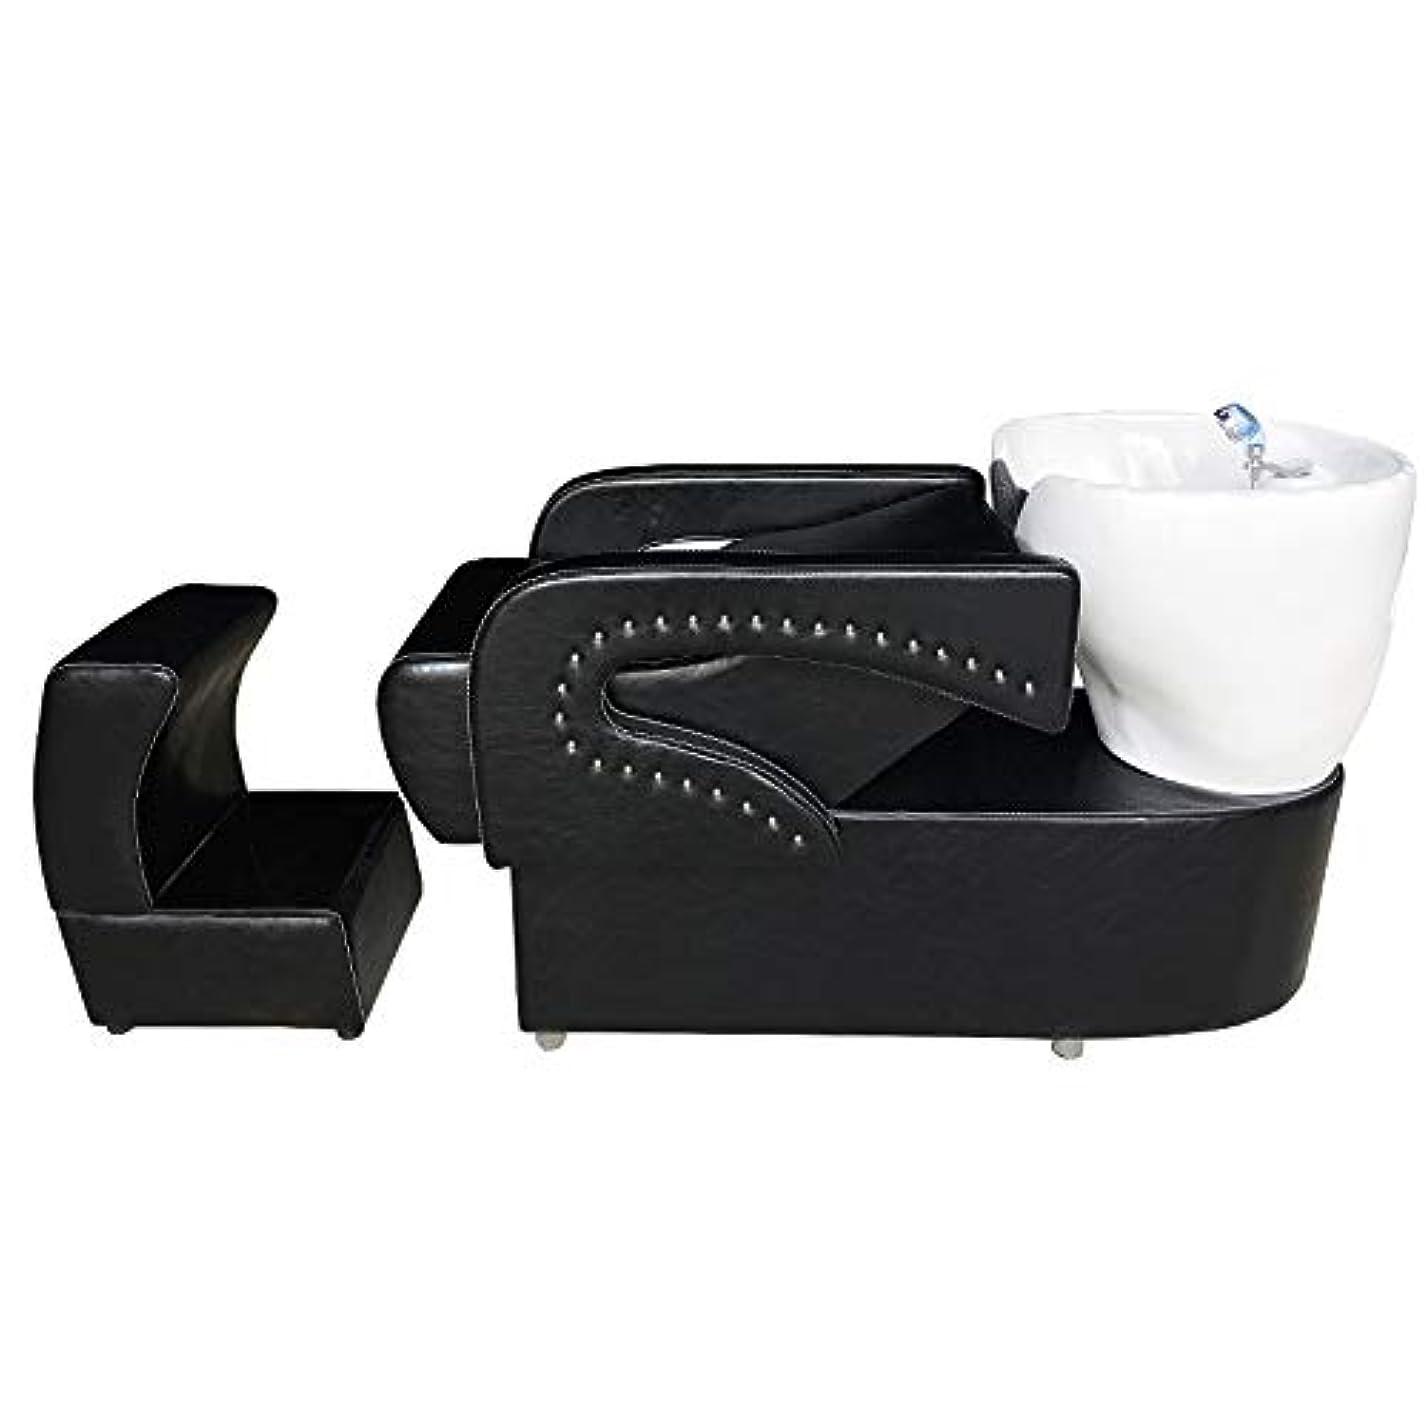 鳩計器指令シャンプーの理髪師の逆洗の椅子、鉱泉の美容院のためのシャンプーボールの流しの椅子は半くぼみのフラッシュベッドを流します